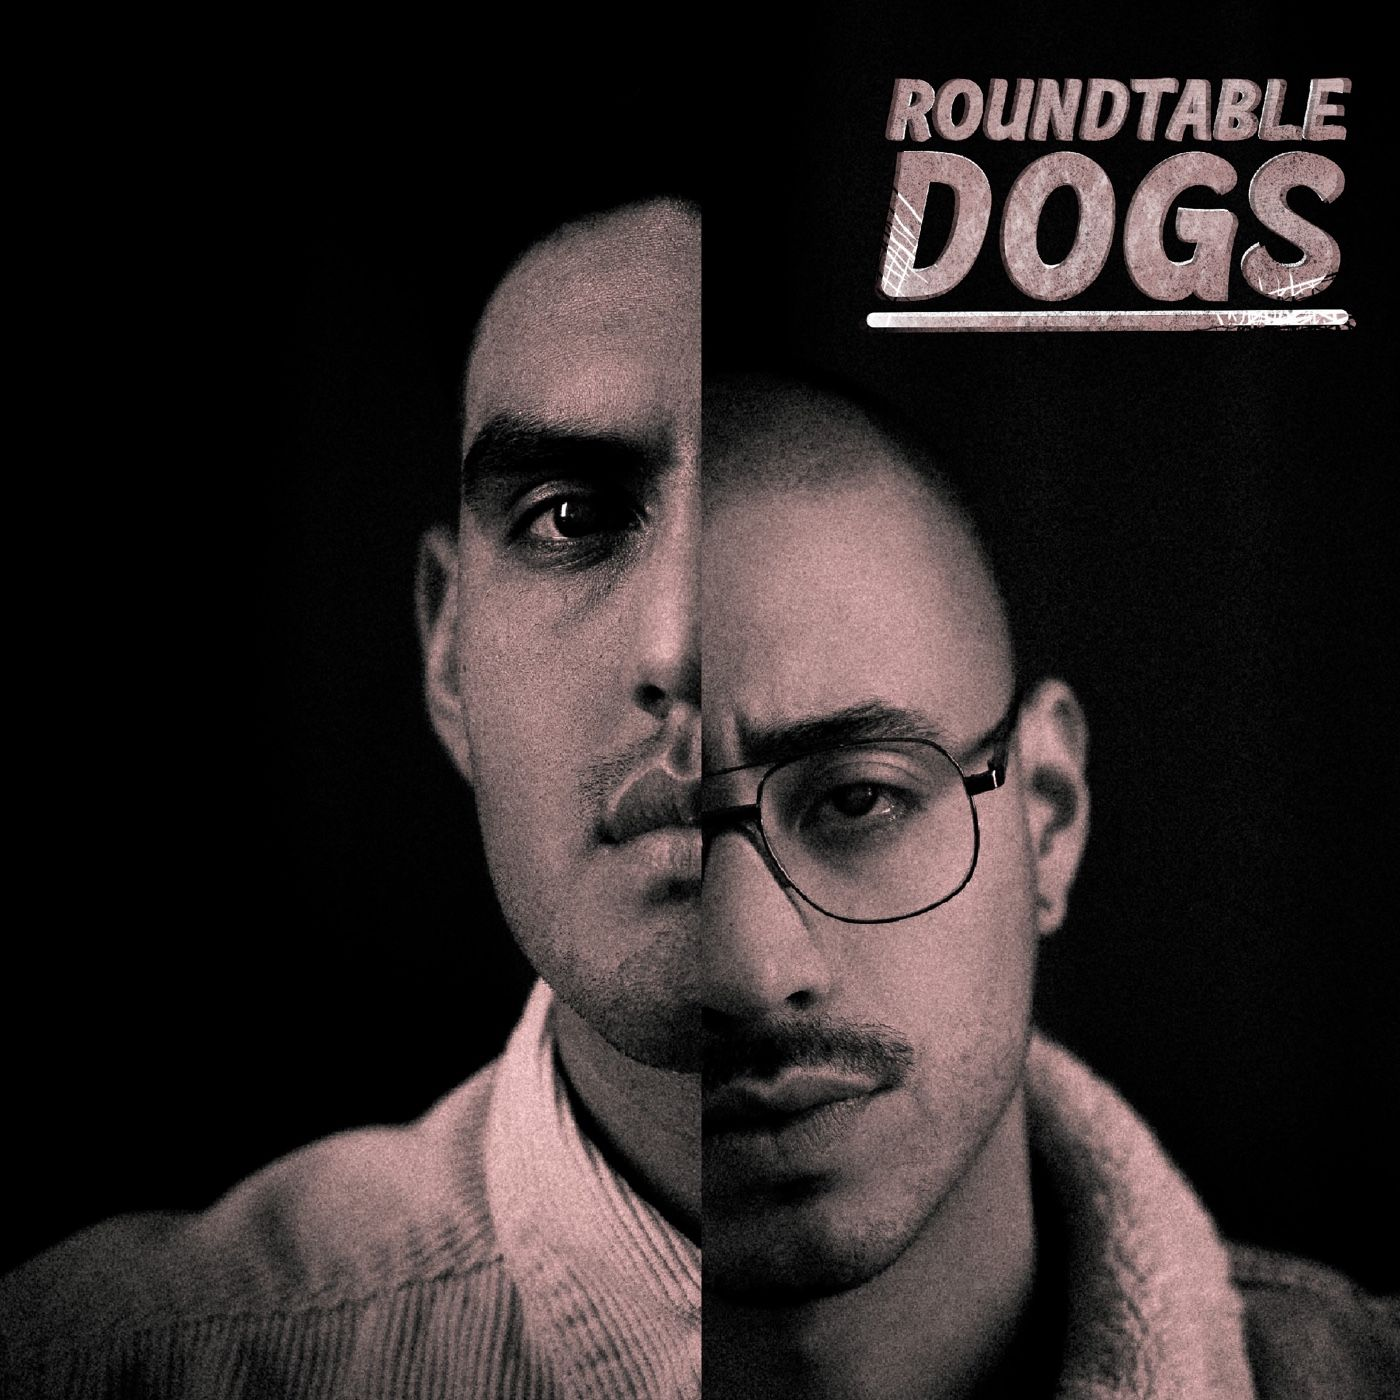 Portación de armas - Roundtable dogs 4